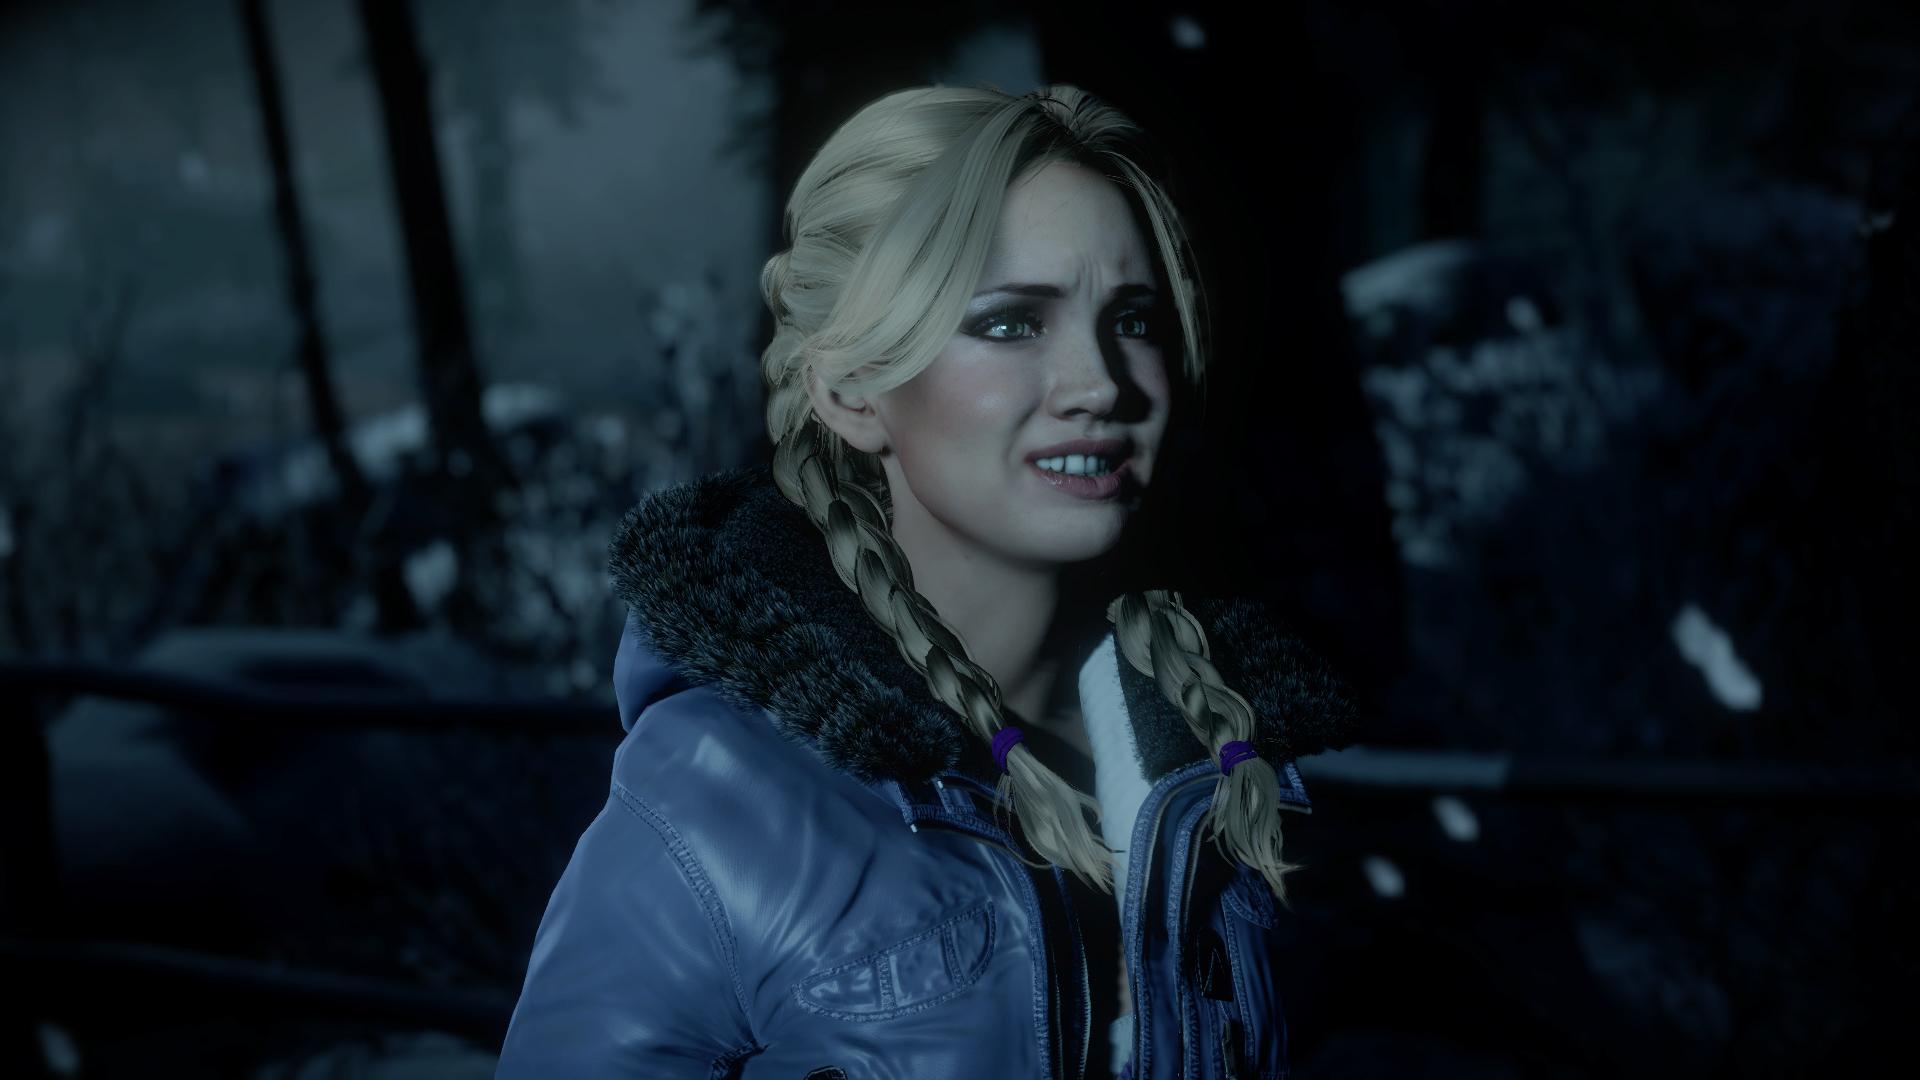 Gamescom 2018: разработчики Until Dawn анонсировали целую антологию хорроров для PC, PS4 и Xbox One